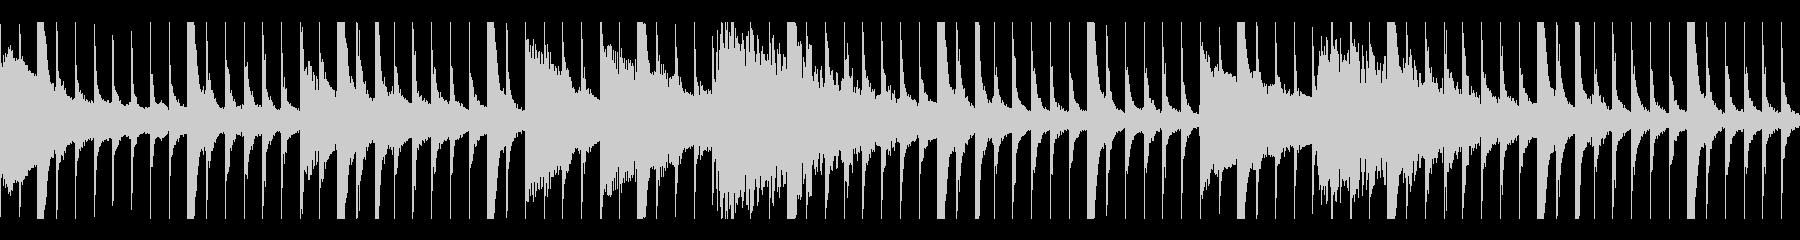 アフリカン木琴とピアノのミニマルループの未再生の波形